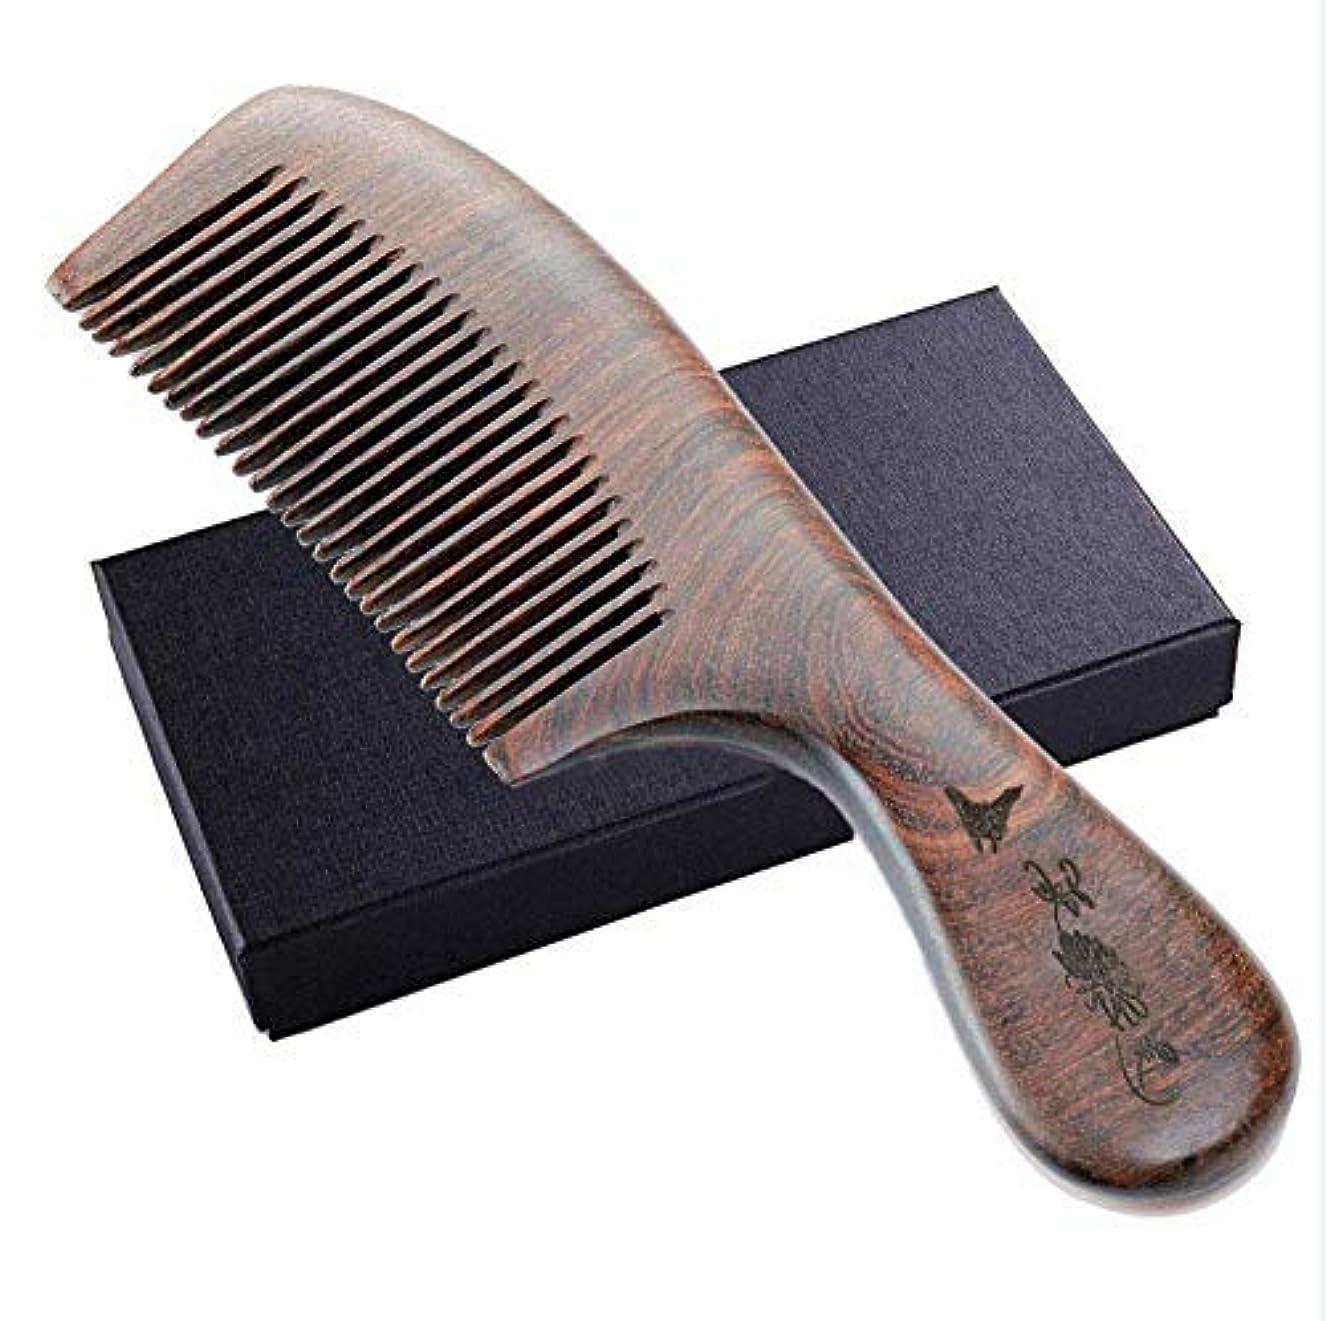 悲しむ憧れ剣Wooden Hair Comb, Anti-Static, Detangling Fine Tooth Shower Comb,No Static Natural Wooden Sandalwood Comb for...